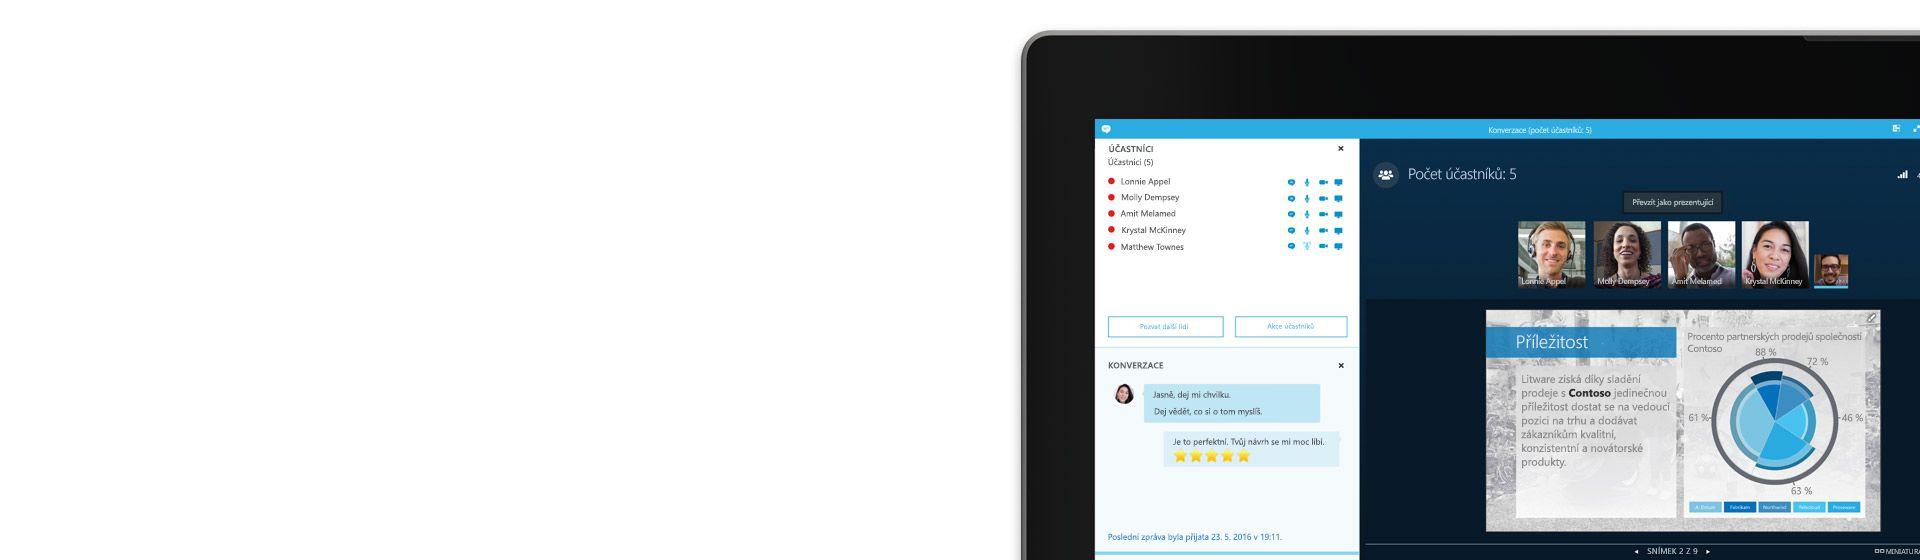 Roh počítačové obrazovky sonline schůzkou ve Skypu pro firmy aseznamem účastníků